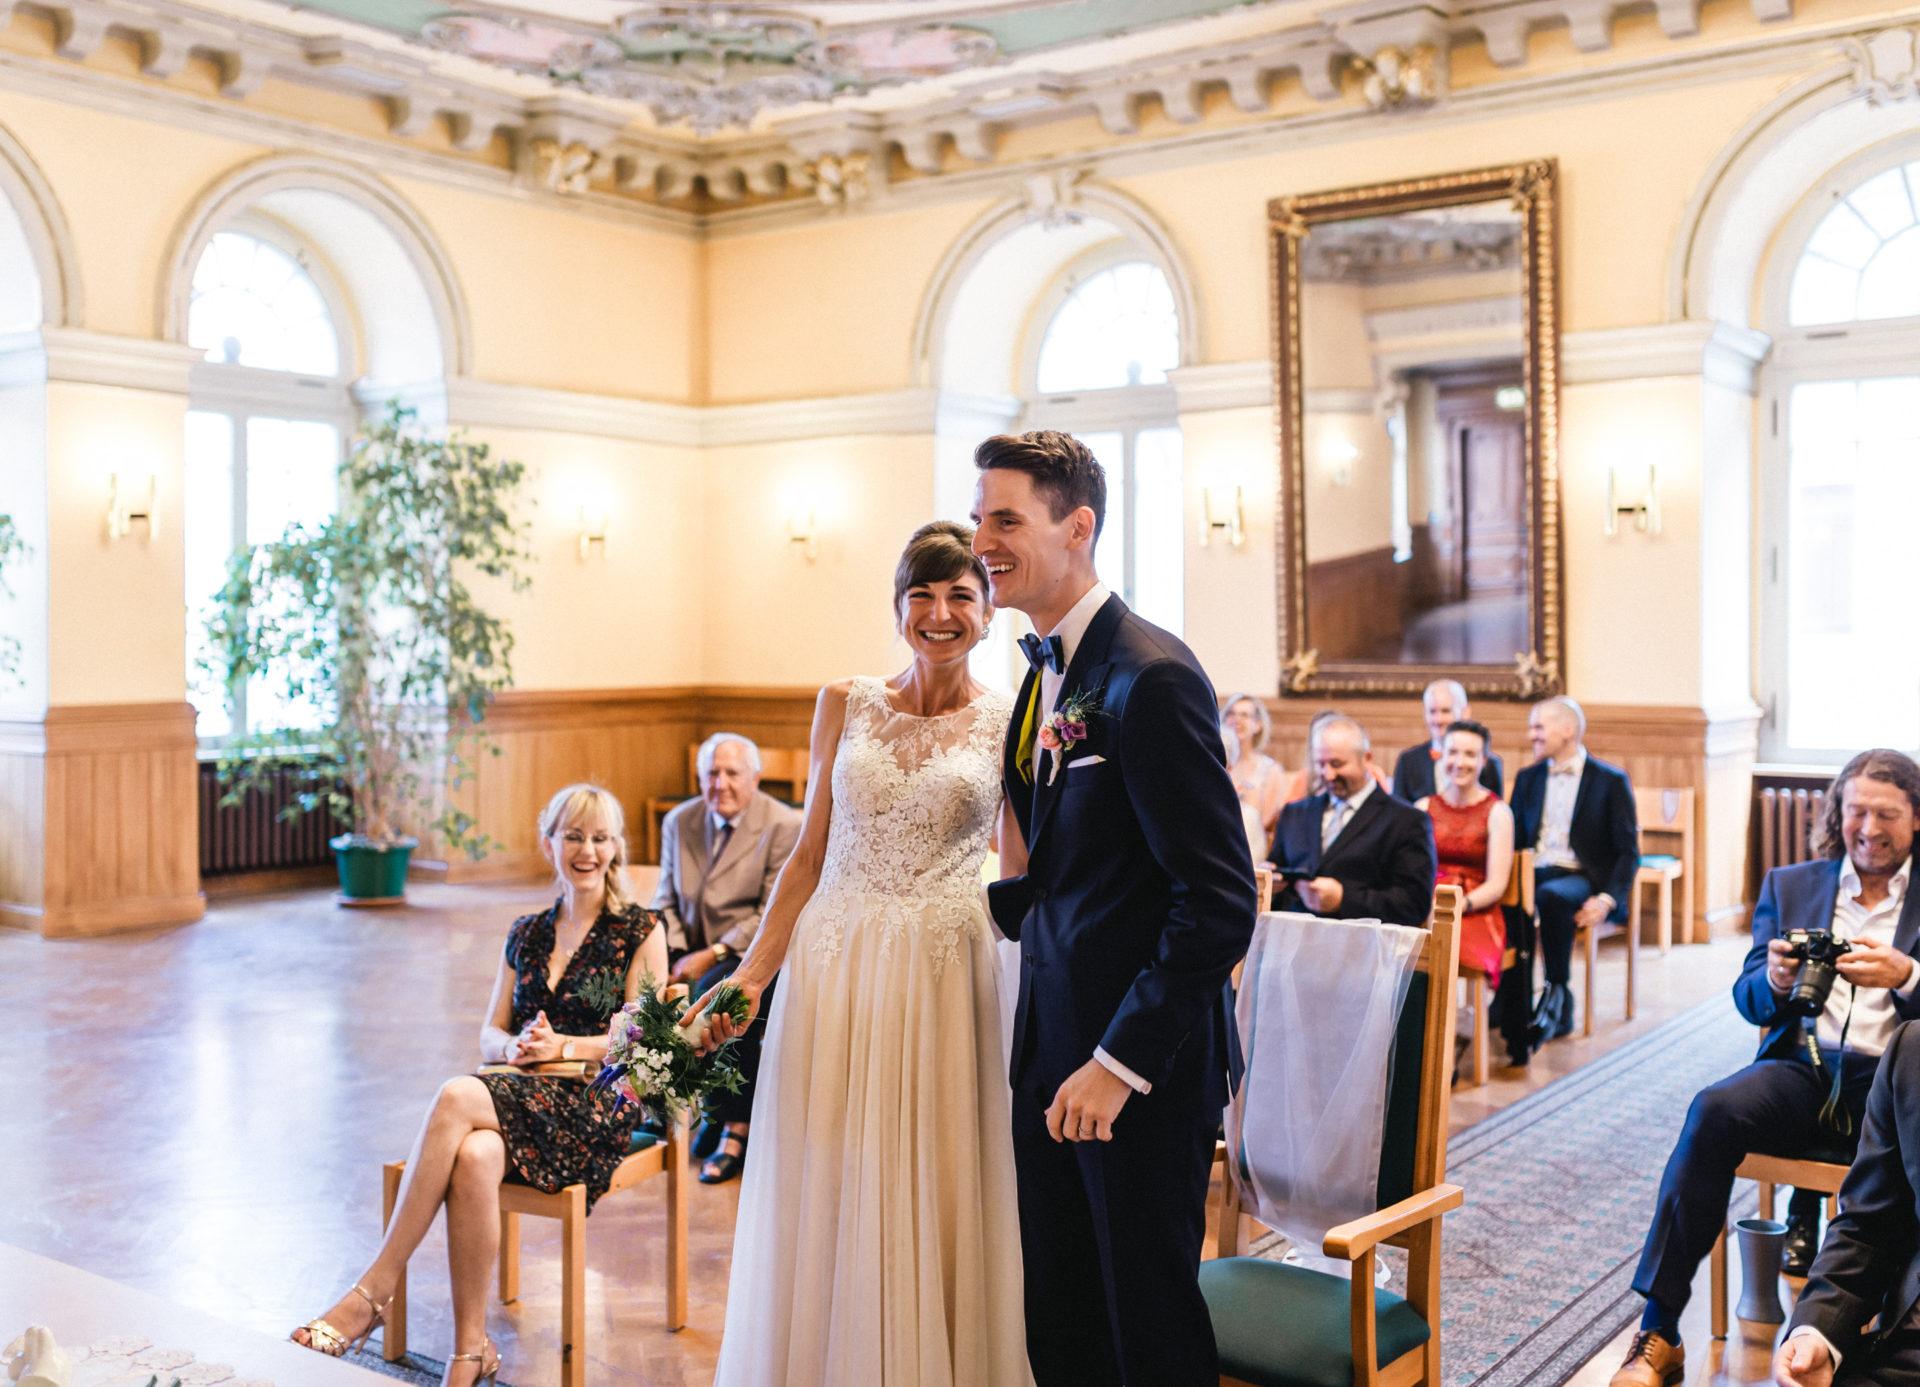 Hochzeitsreportage, Portfolio | Hochzeit auf dem Rittergut Positz | 14